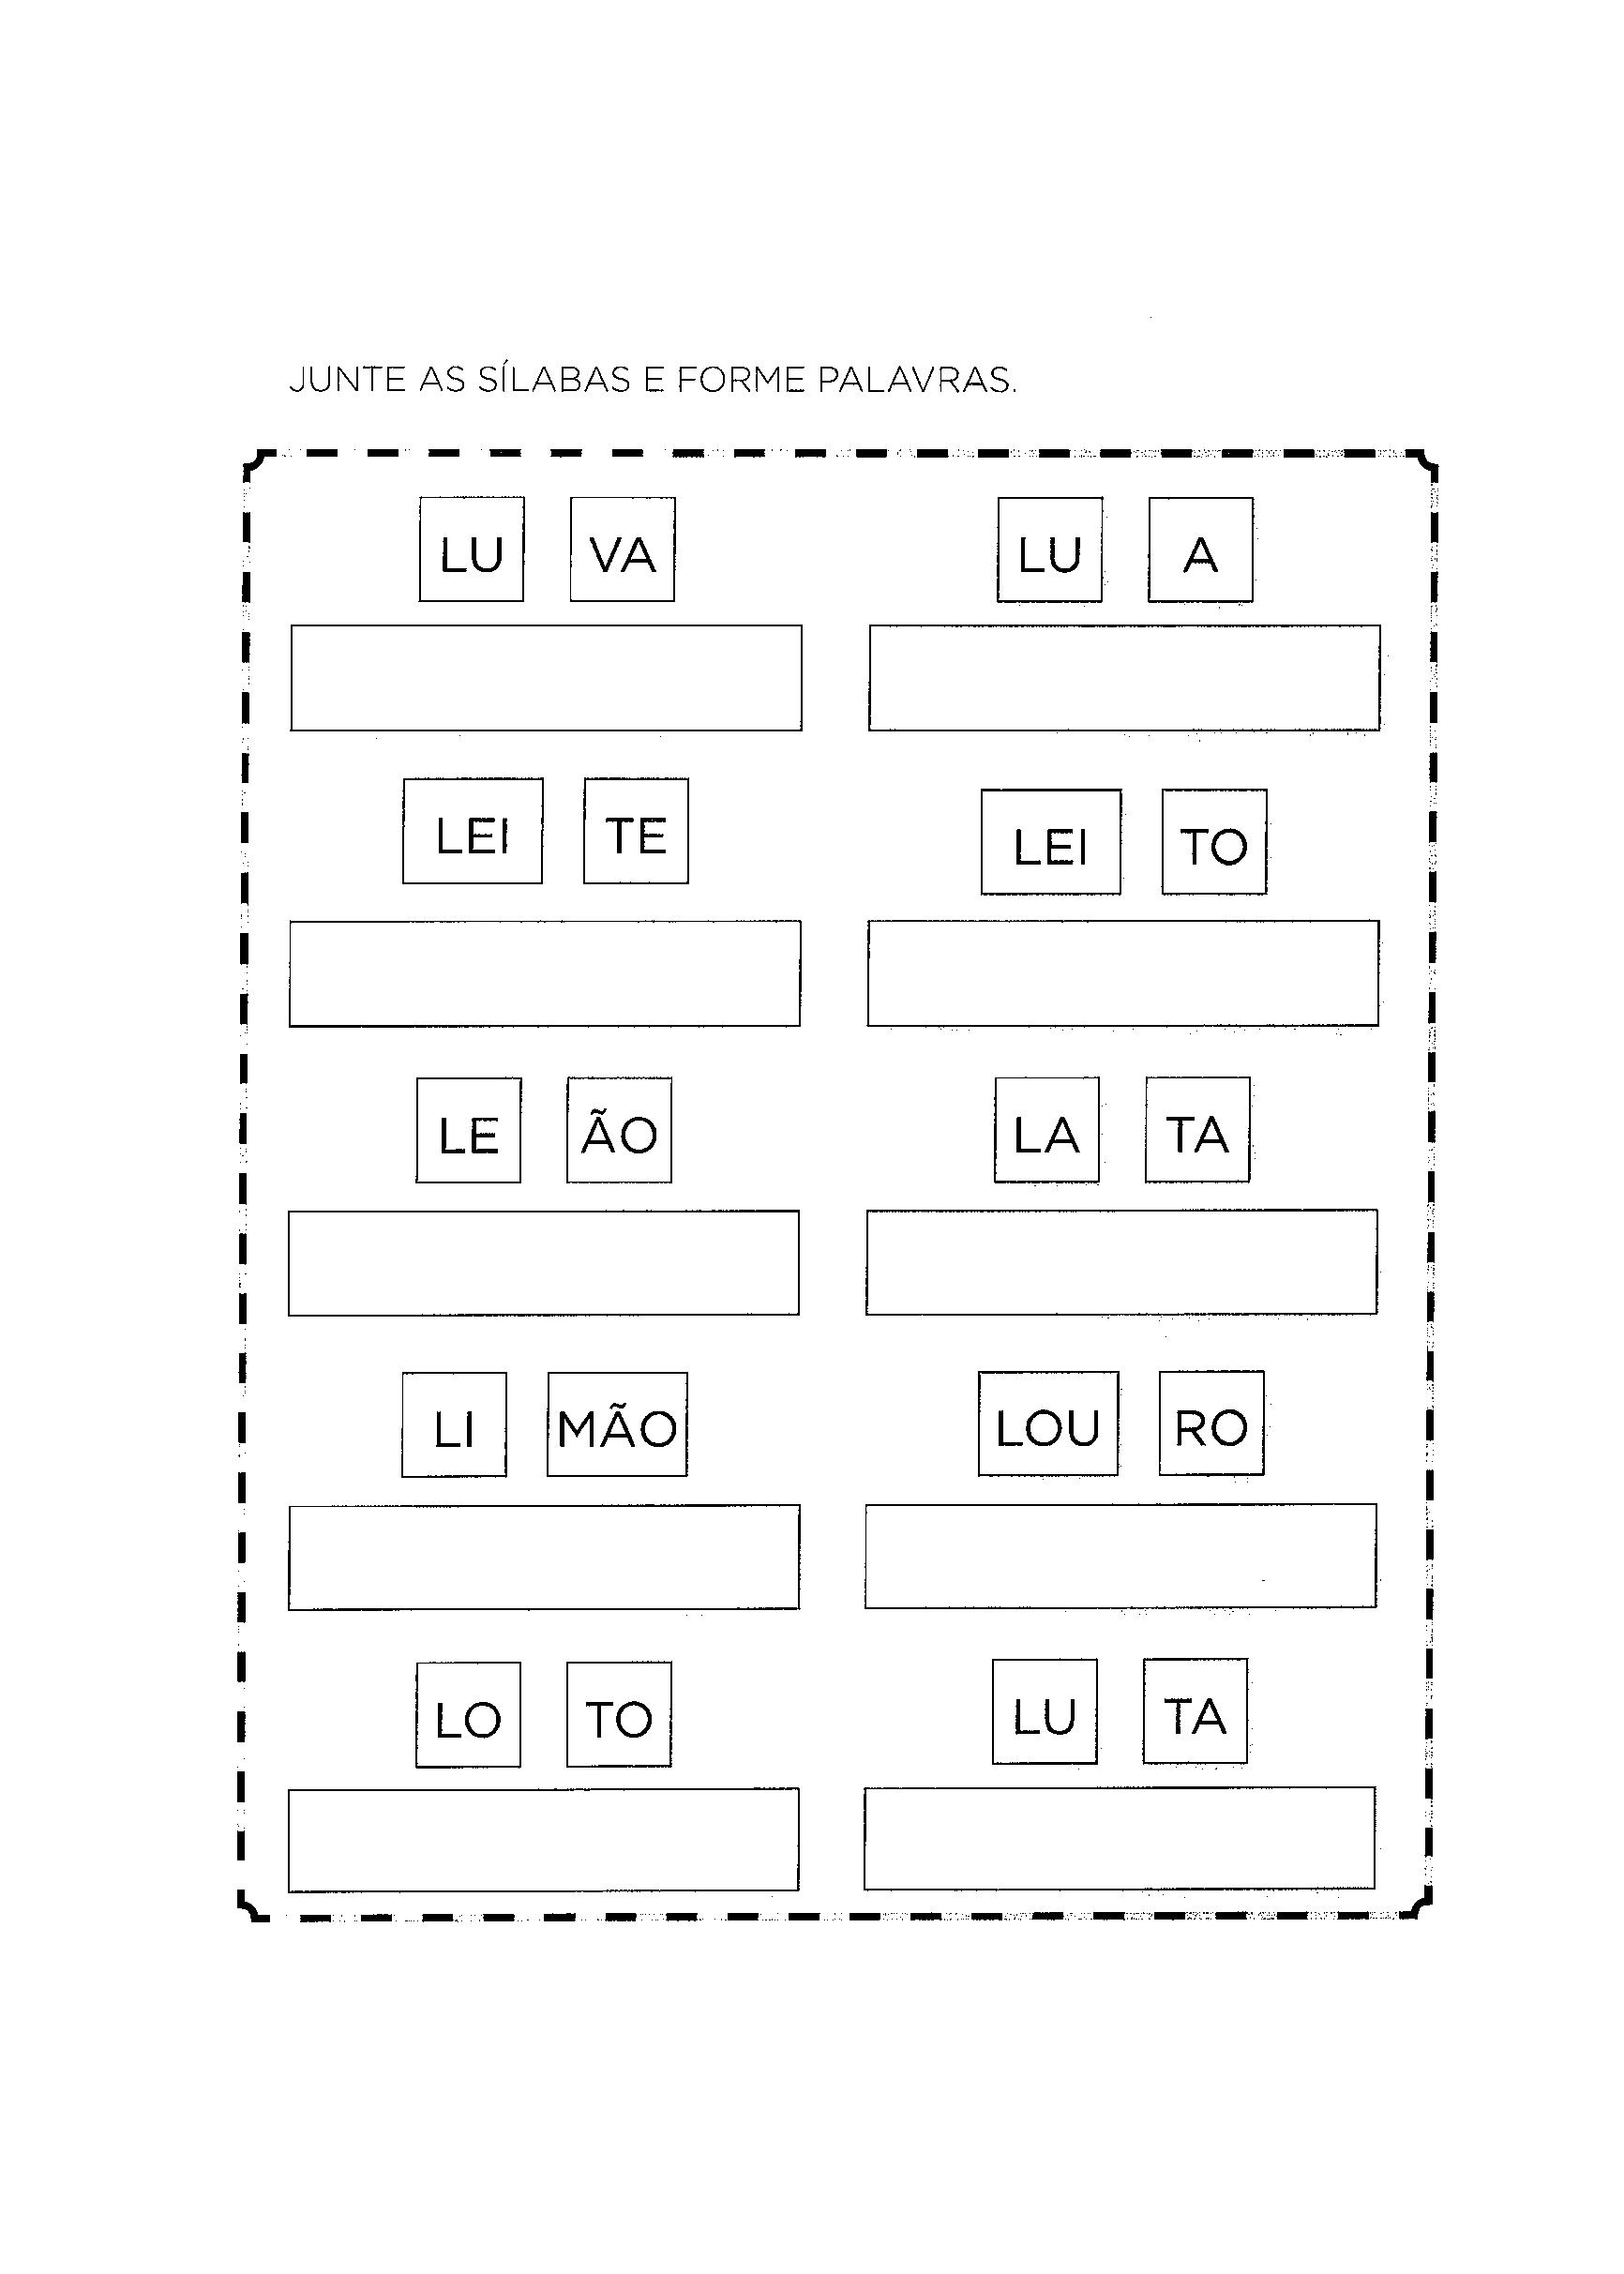 alfabetizacao_letra_l_formar_palavras